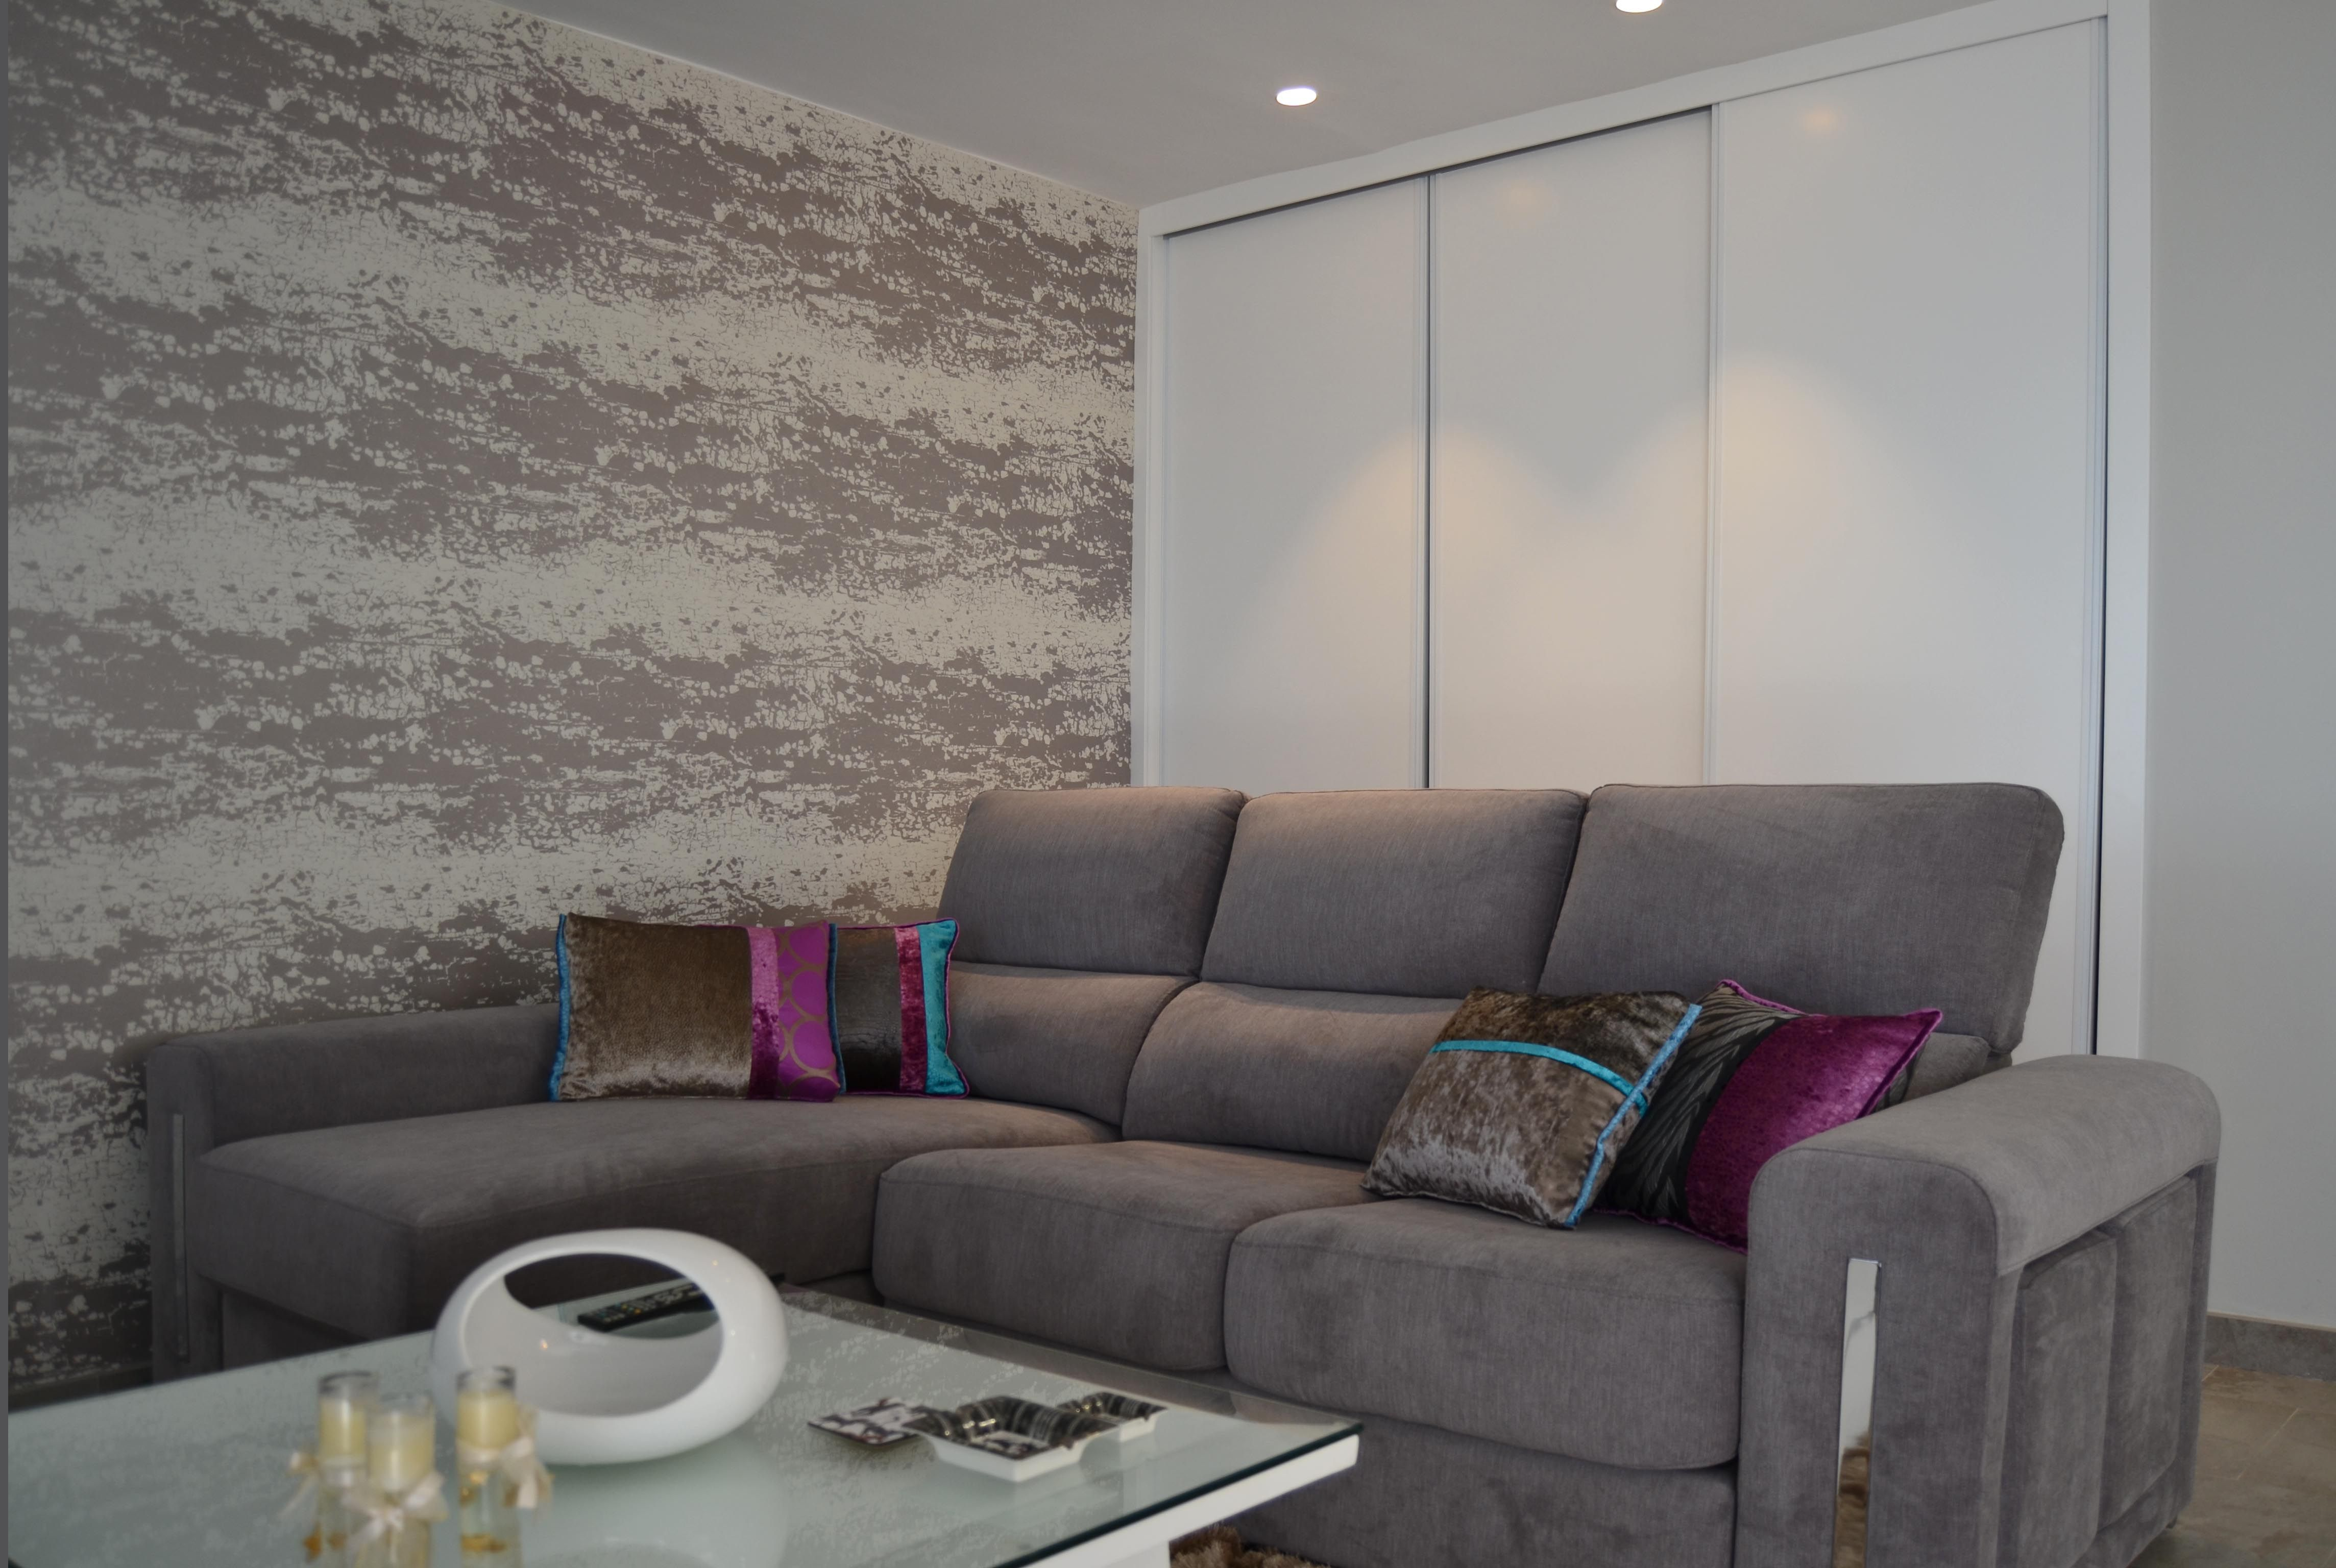 Un Sofá Chaise Longue Con Cojines De Distintas Texturas Y Colores Villalba Interiorismo